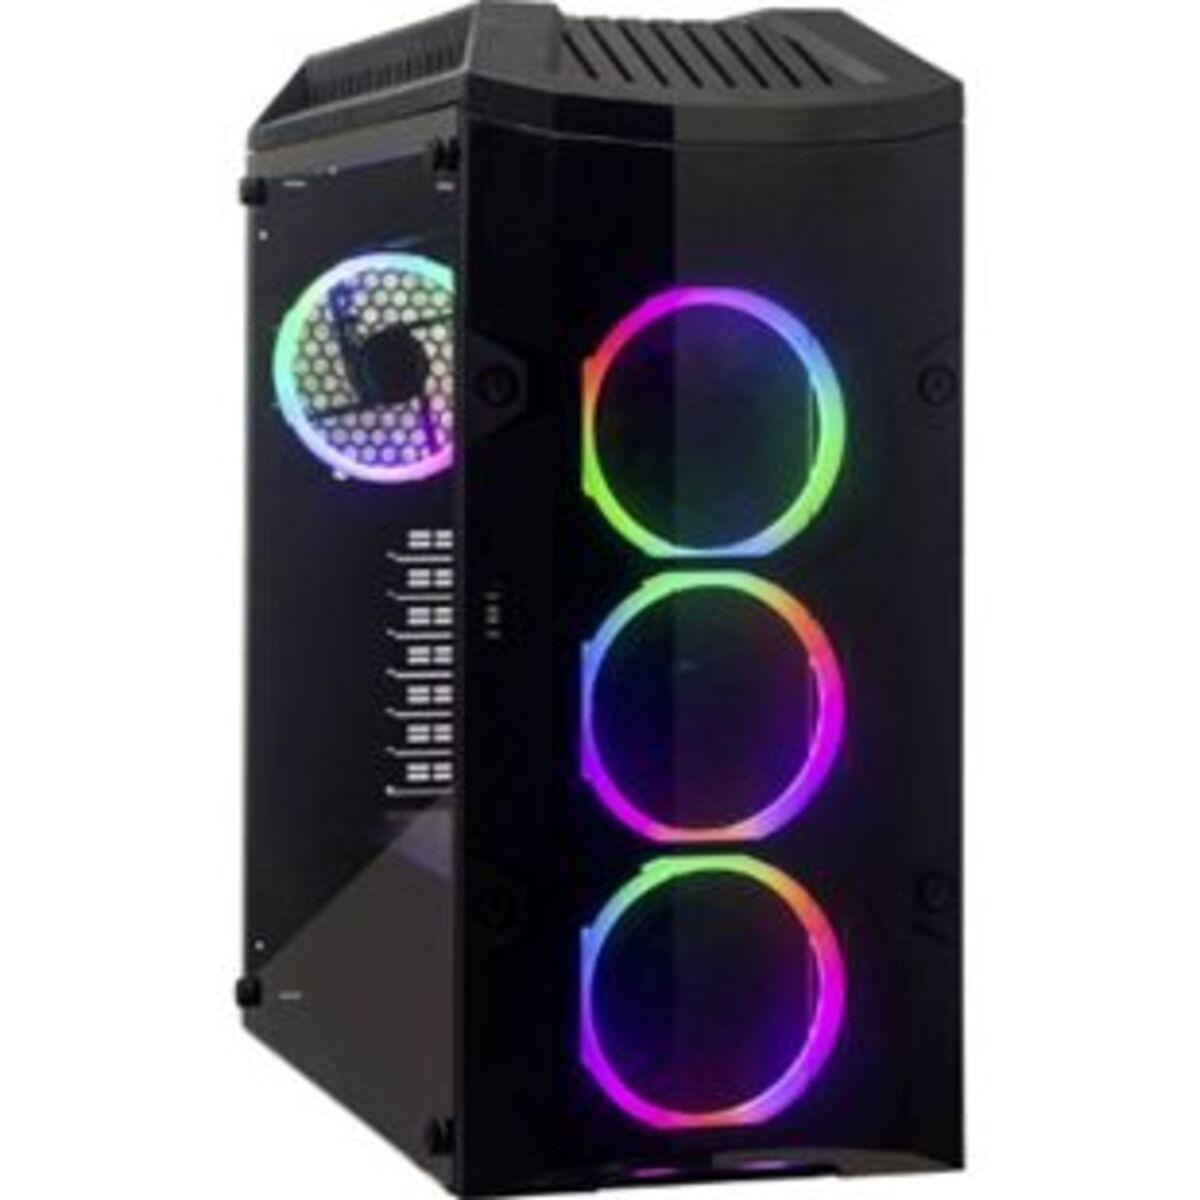 Bild 2 von Joy-IT Gaming AMD Ryzen3-2200 ONE